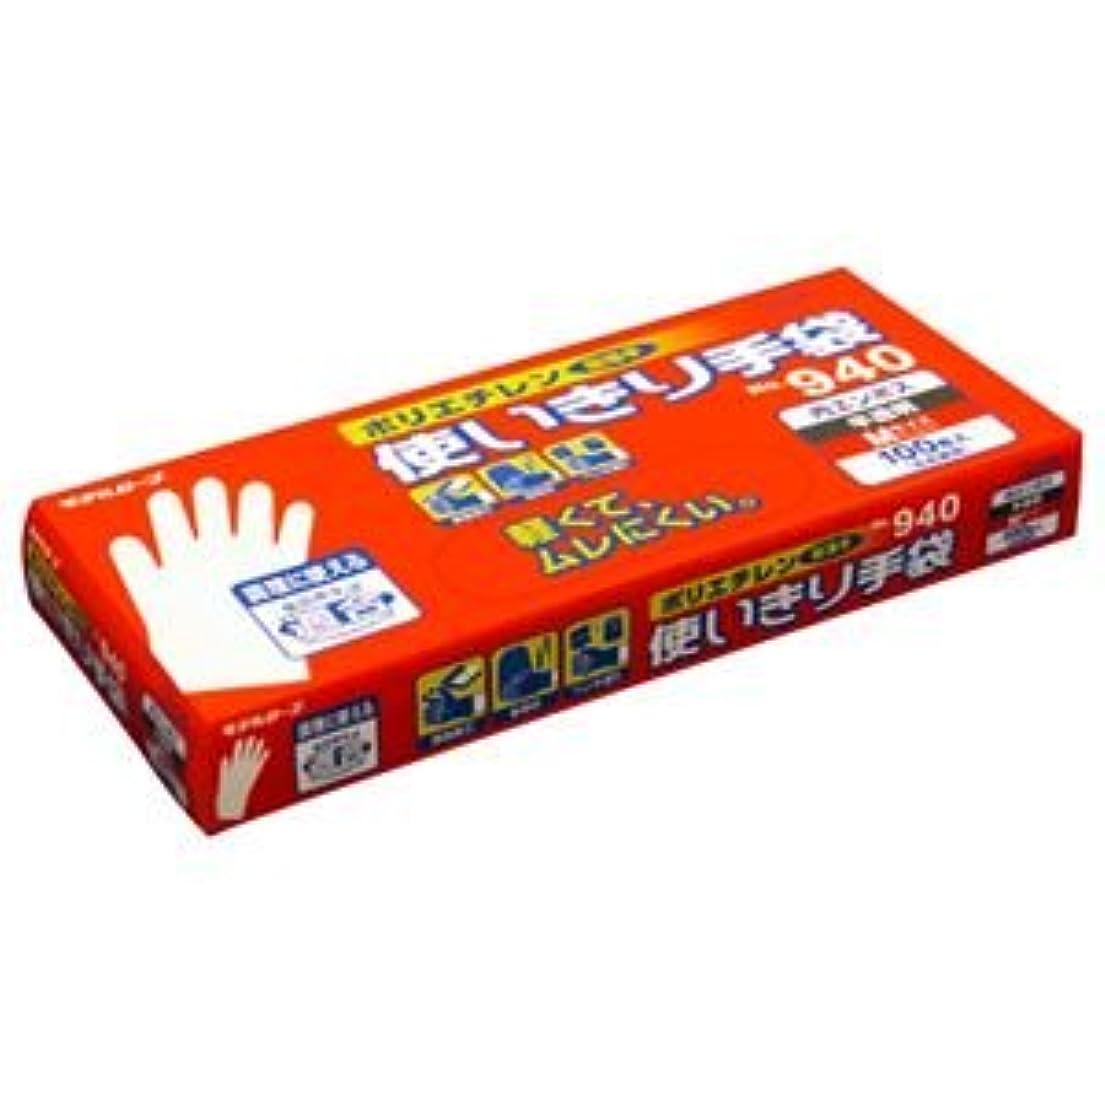 存在出身地適性(まとめ) エステー No.940 ポリエチレン使いきり手袋(内エンボス) M 1箱(100枚) 【×10セット】